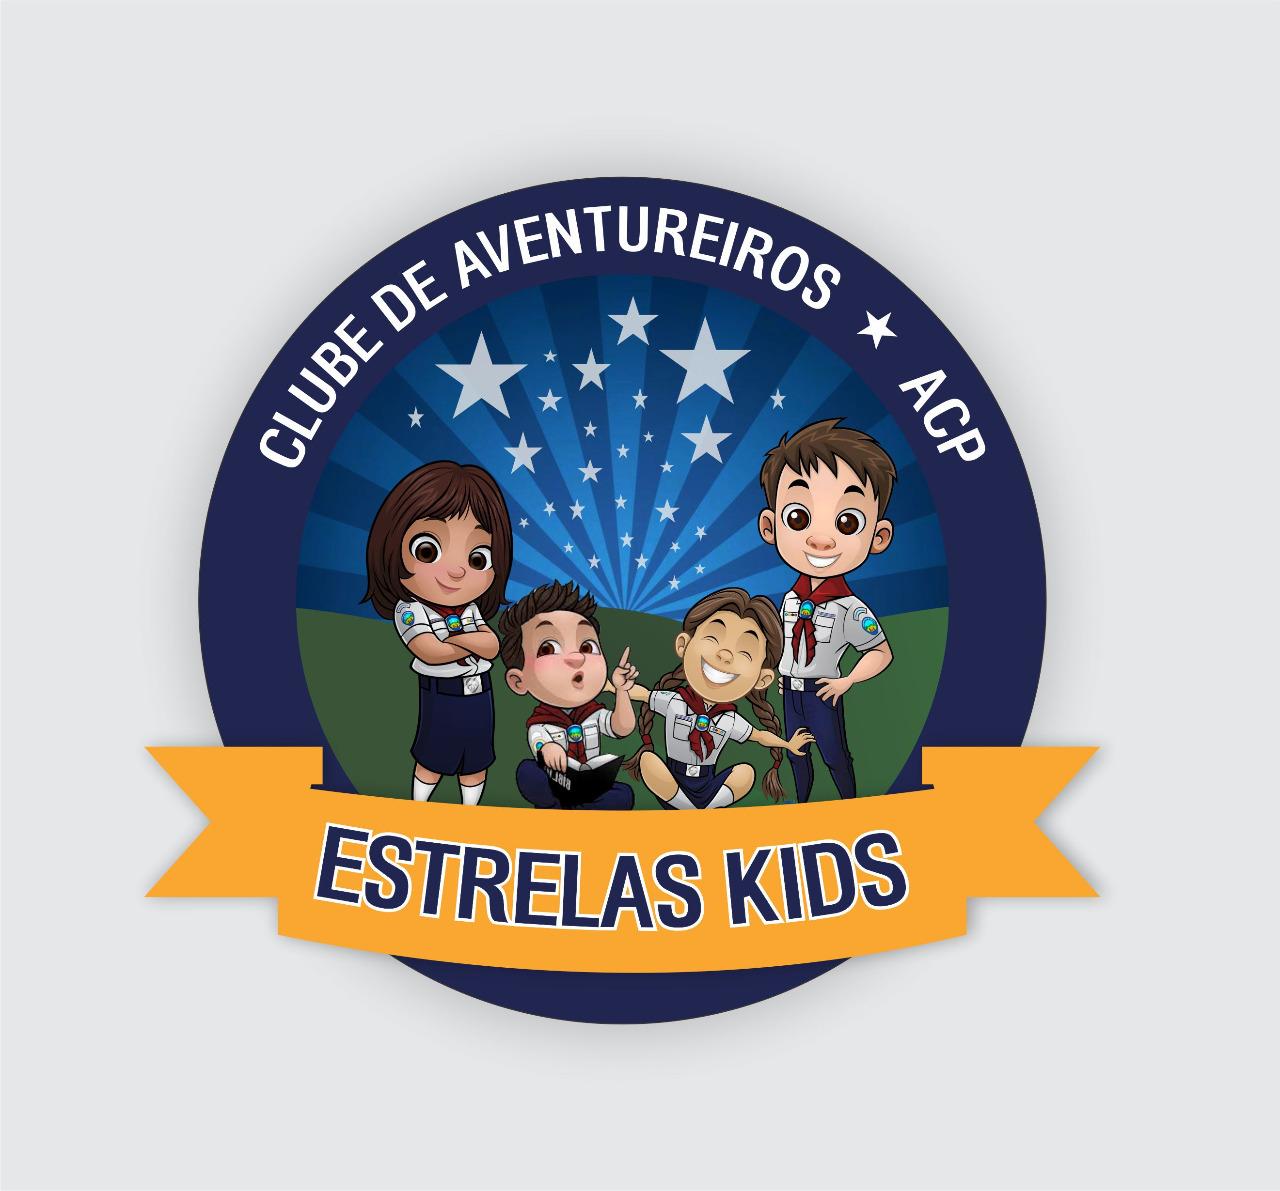 Estrelas Kids